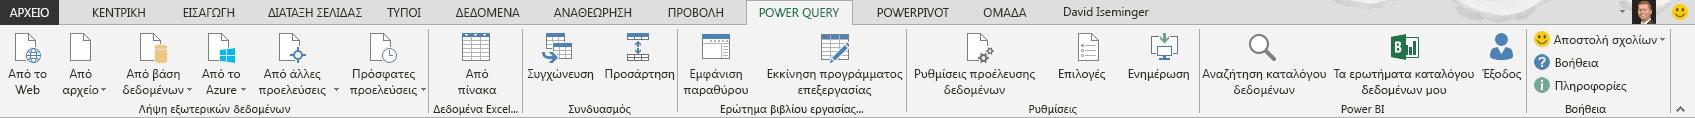 Η κορδέλα του Power Query